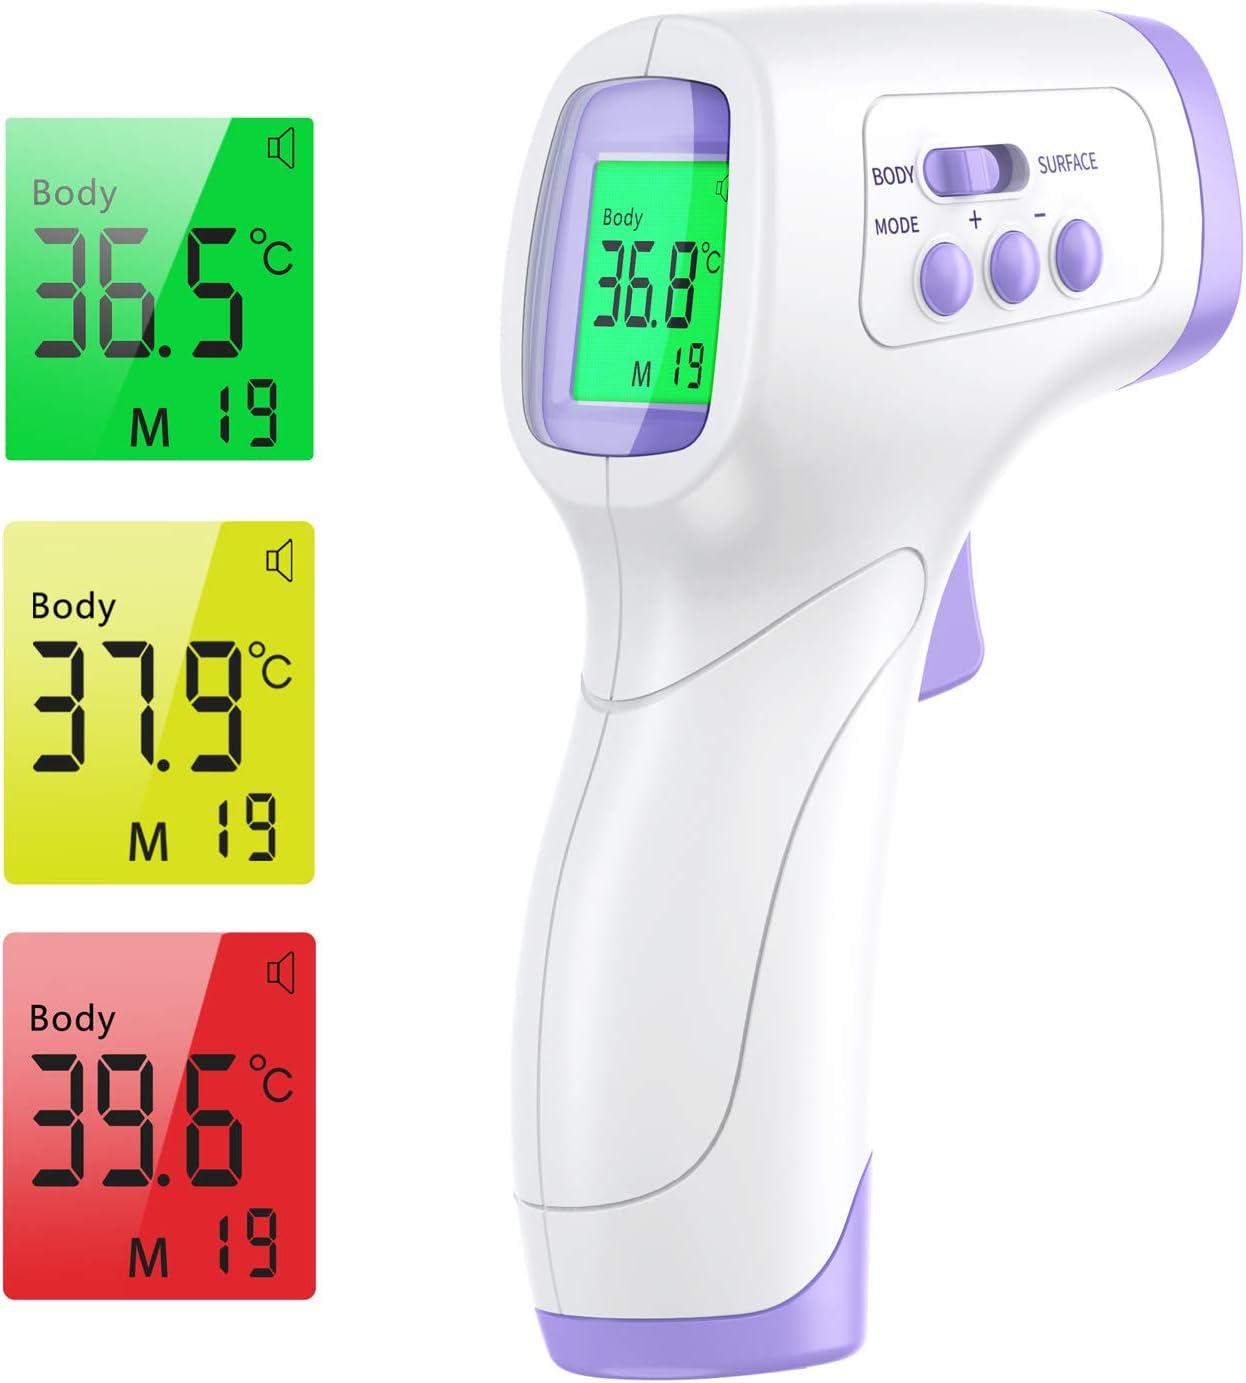 【Promoción】Termometro Infrarrojos médico sin contacto IDOIT Termómetro de frente infrarrojo precisa y rápida para adultos niños bebé